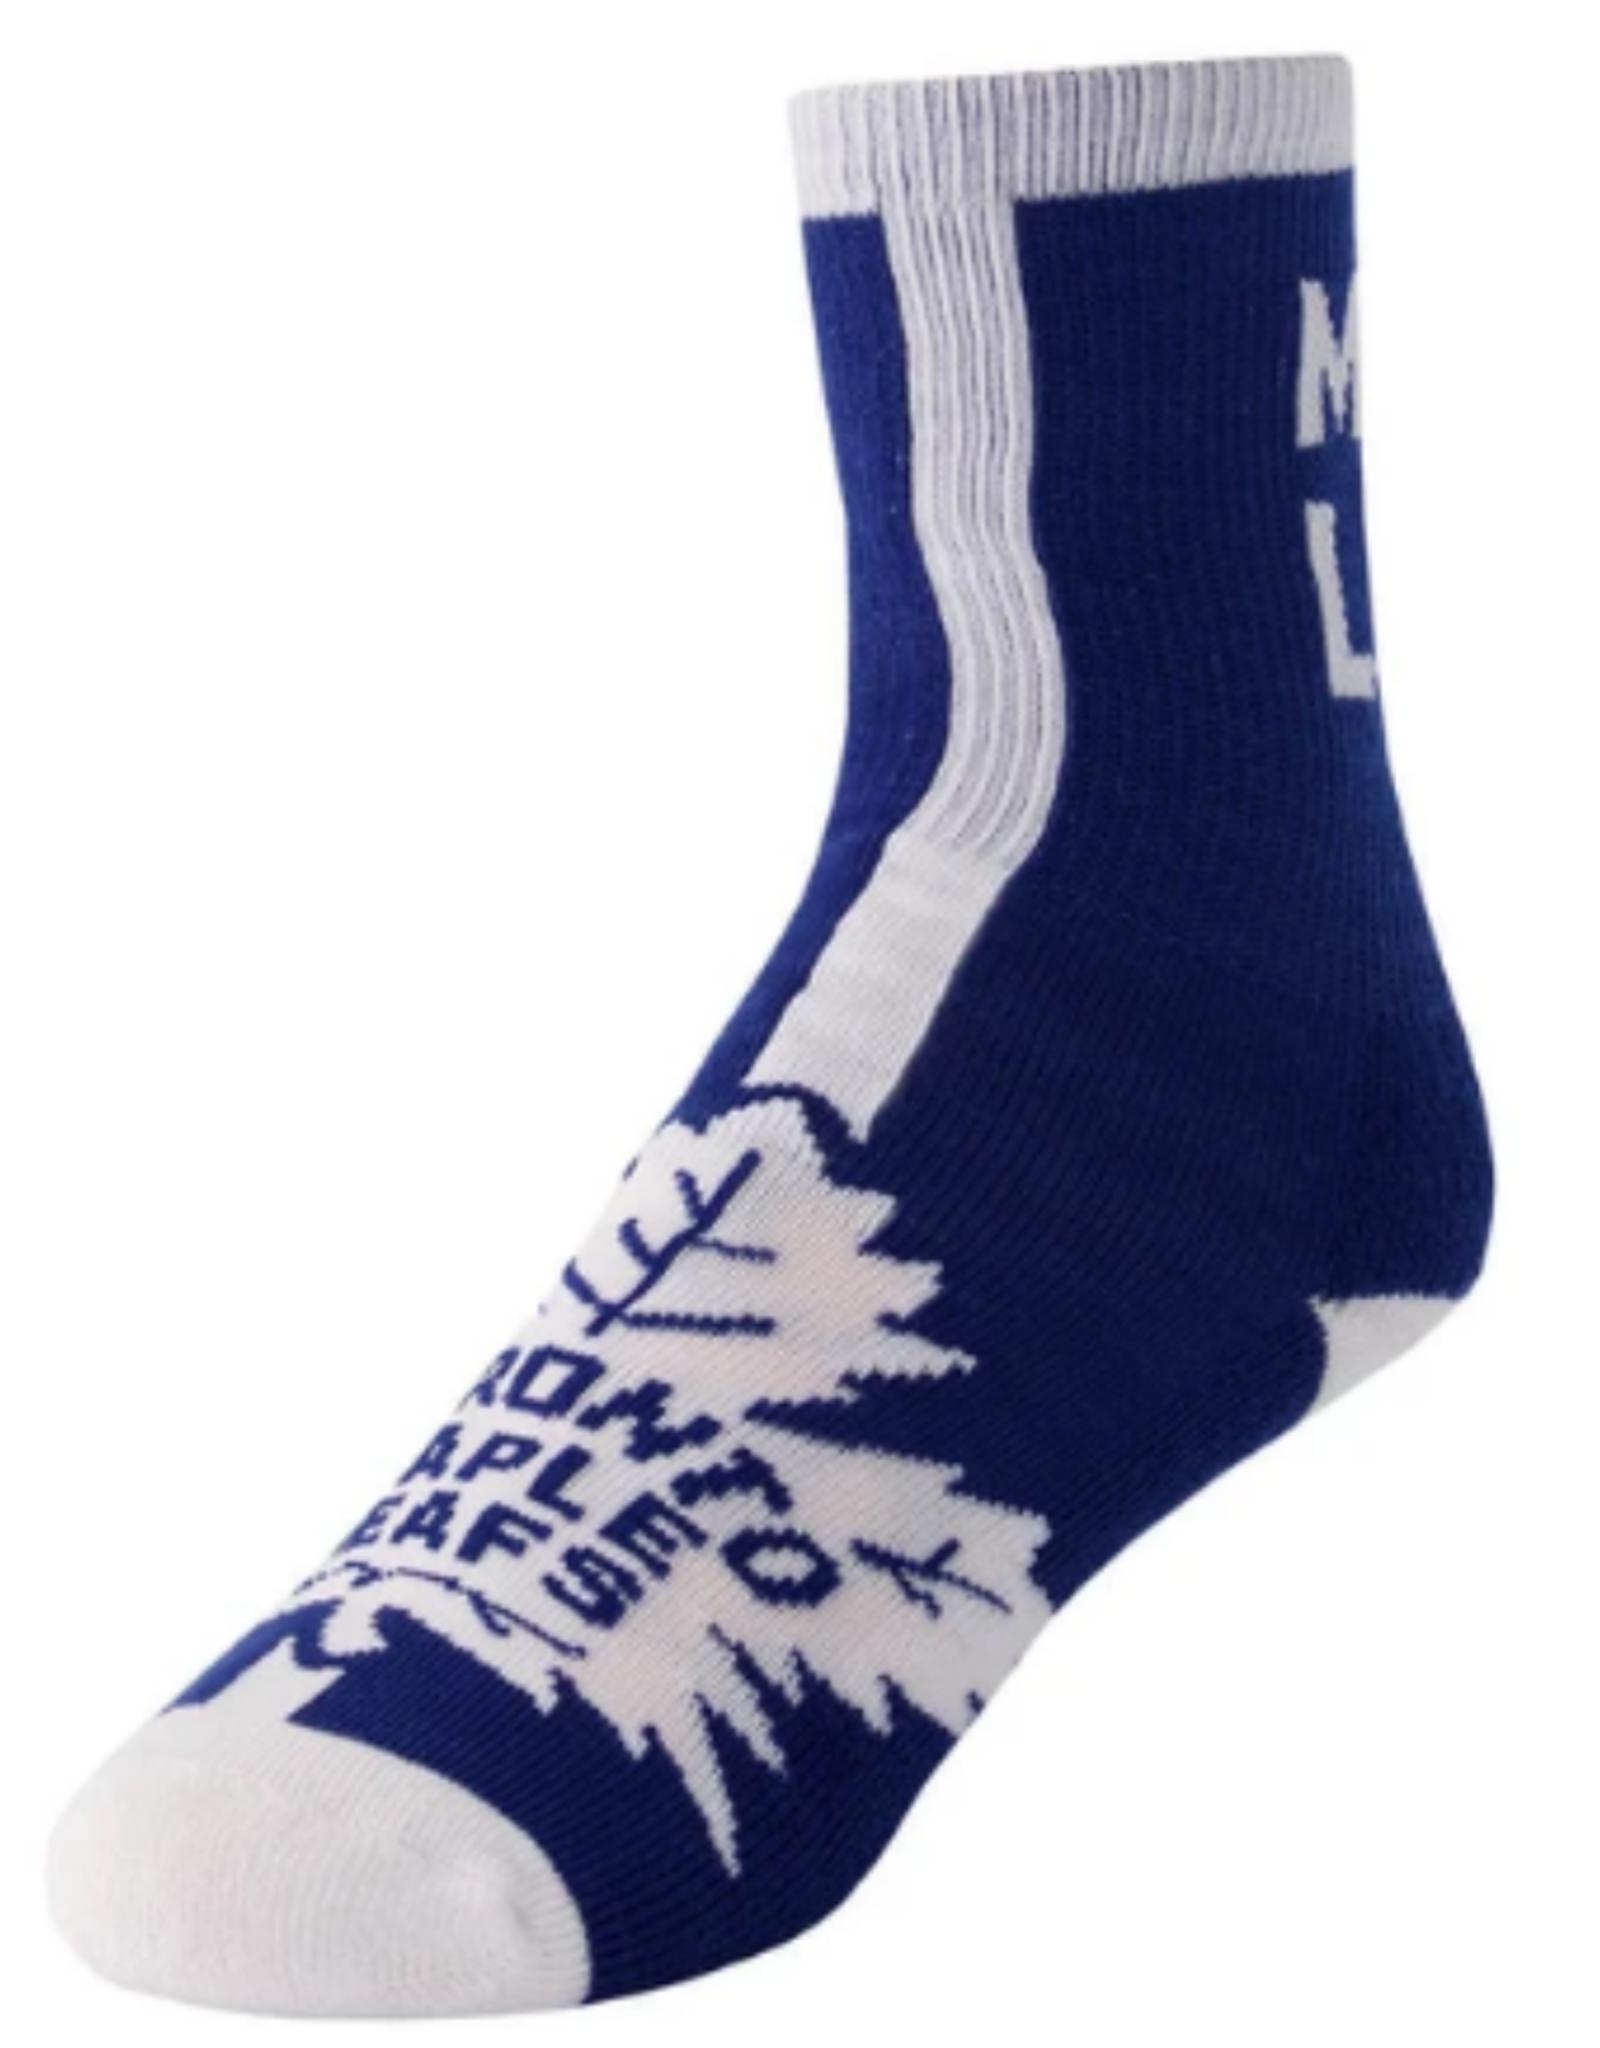 FBF Adult Socks 2 Pack Toronto Maple Leafs